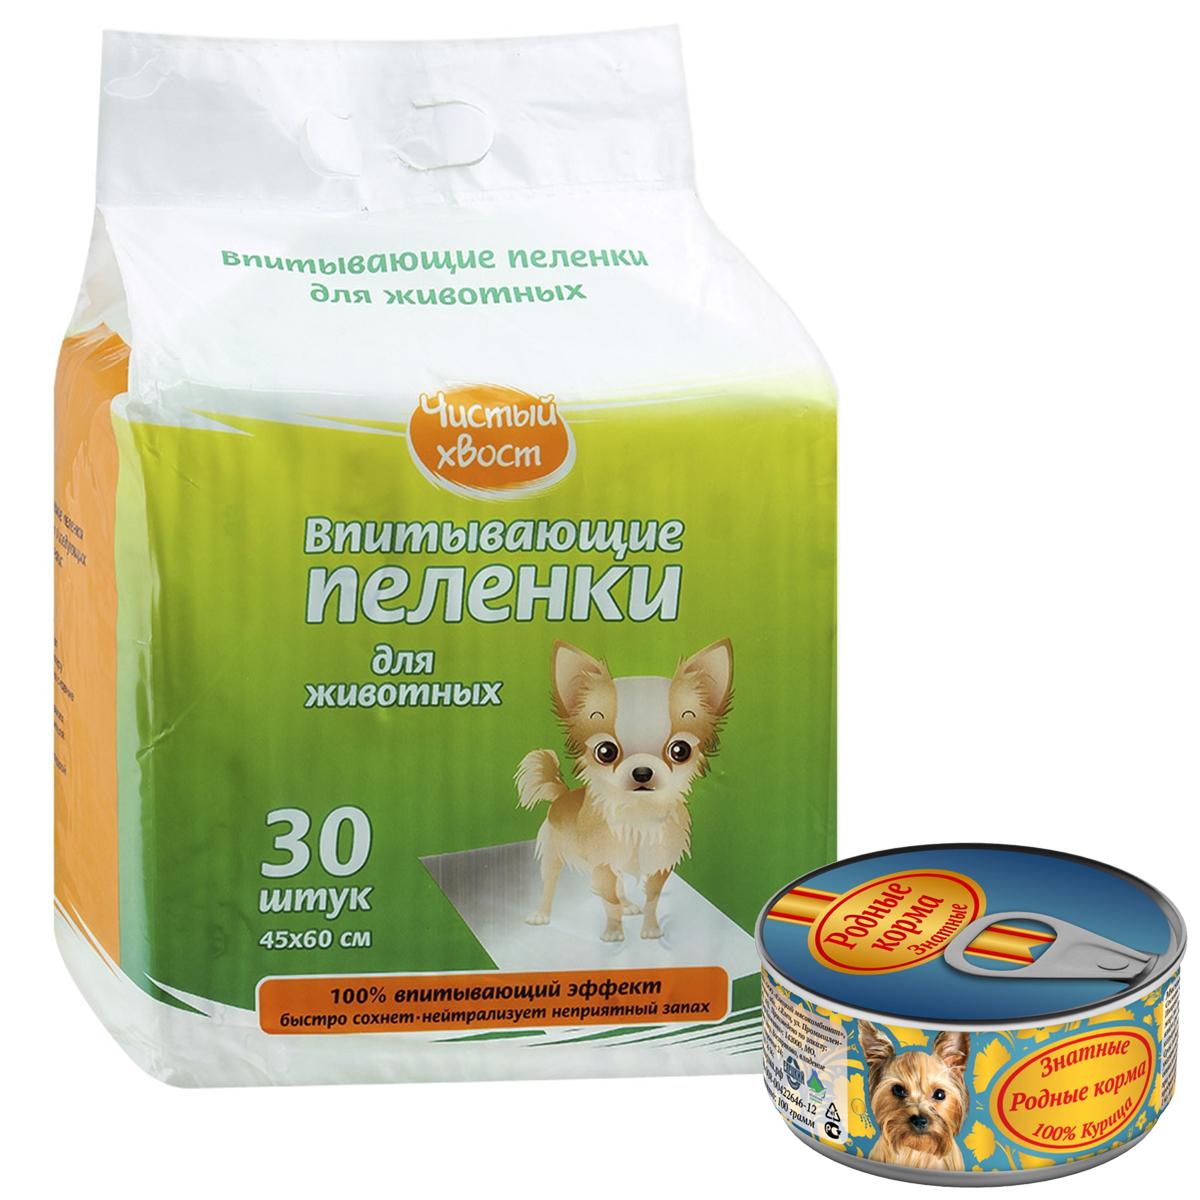 Впитывающие пеленки для животных Чистый хвост, 60х45 см, 30 шт + ПОДАРОК: Консервы для собак Родные корма Знатные, 100 % Курица, 100 г65421Пелёнки обладают 100% впитывающим эффектом. Нейтрализуют запах. Специальная защита от протекания. Имеют ненавязчивый привлекающий аромат. Без мокрых следов. Быстрое высыхание обеспечивает длительное их использование + ПОДАРОК Консервы РОДНЫЕ КОРМА Знатные 100 % Курица для собак 100 г